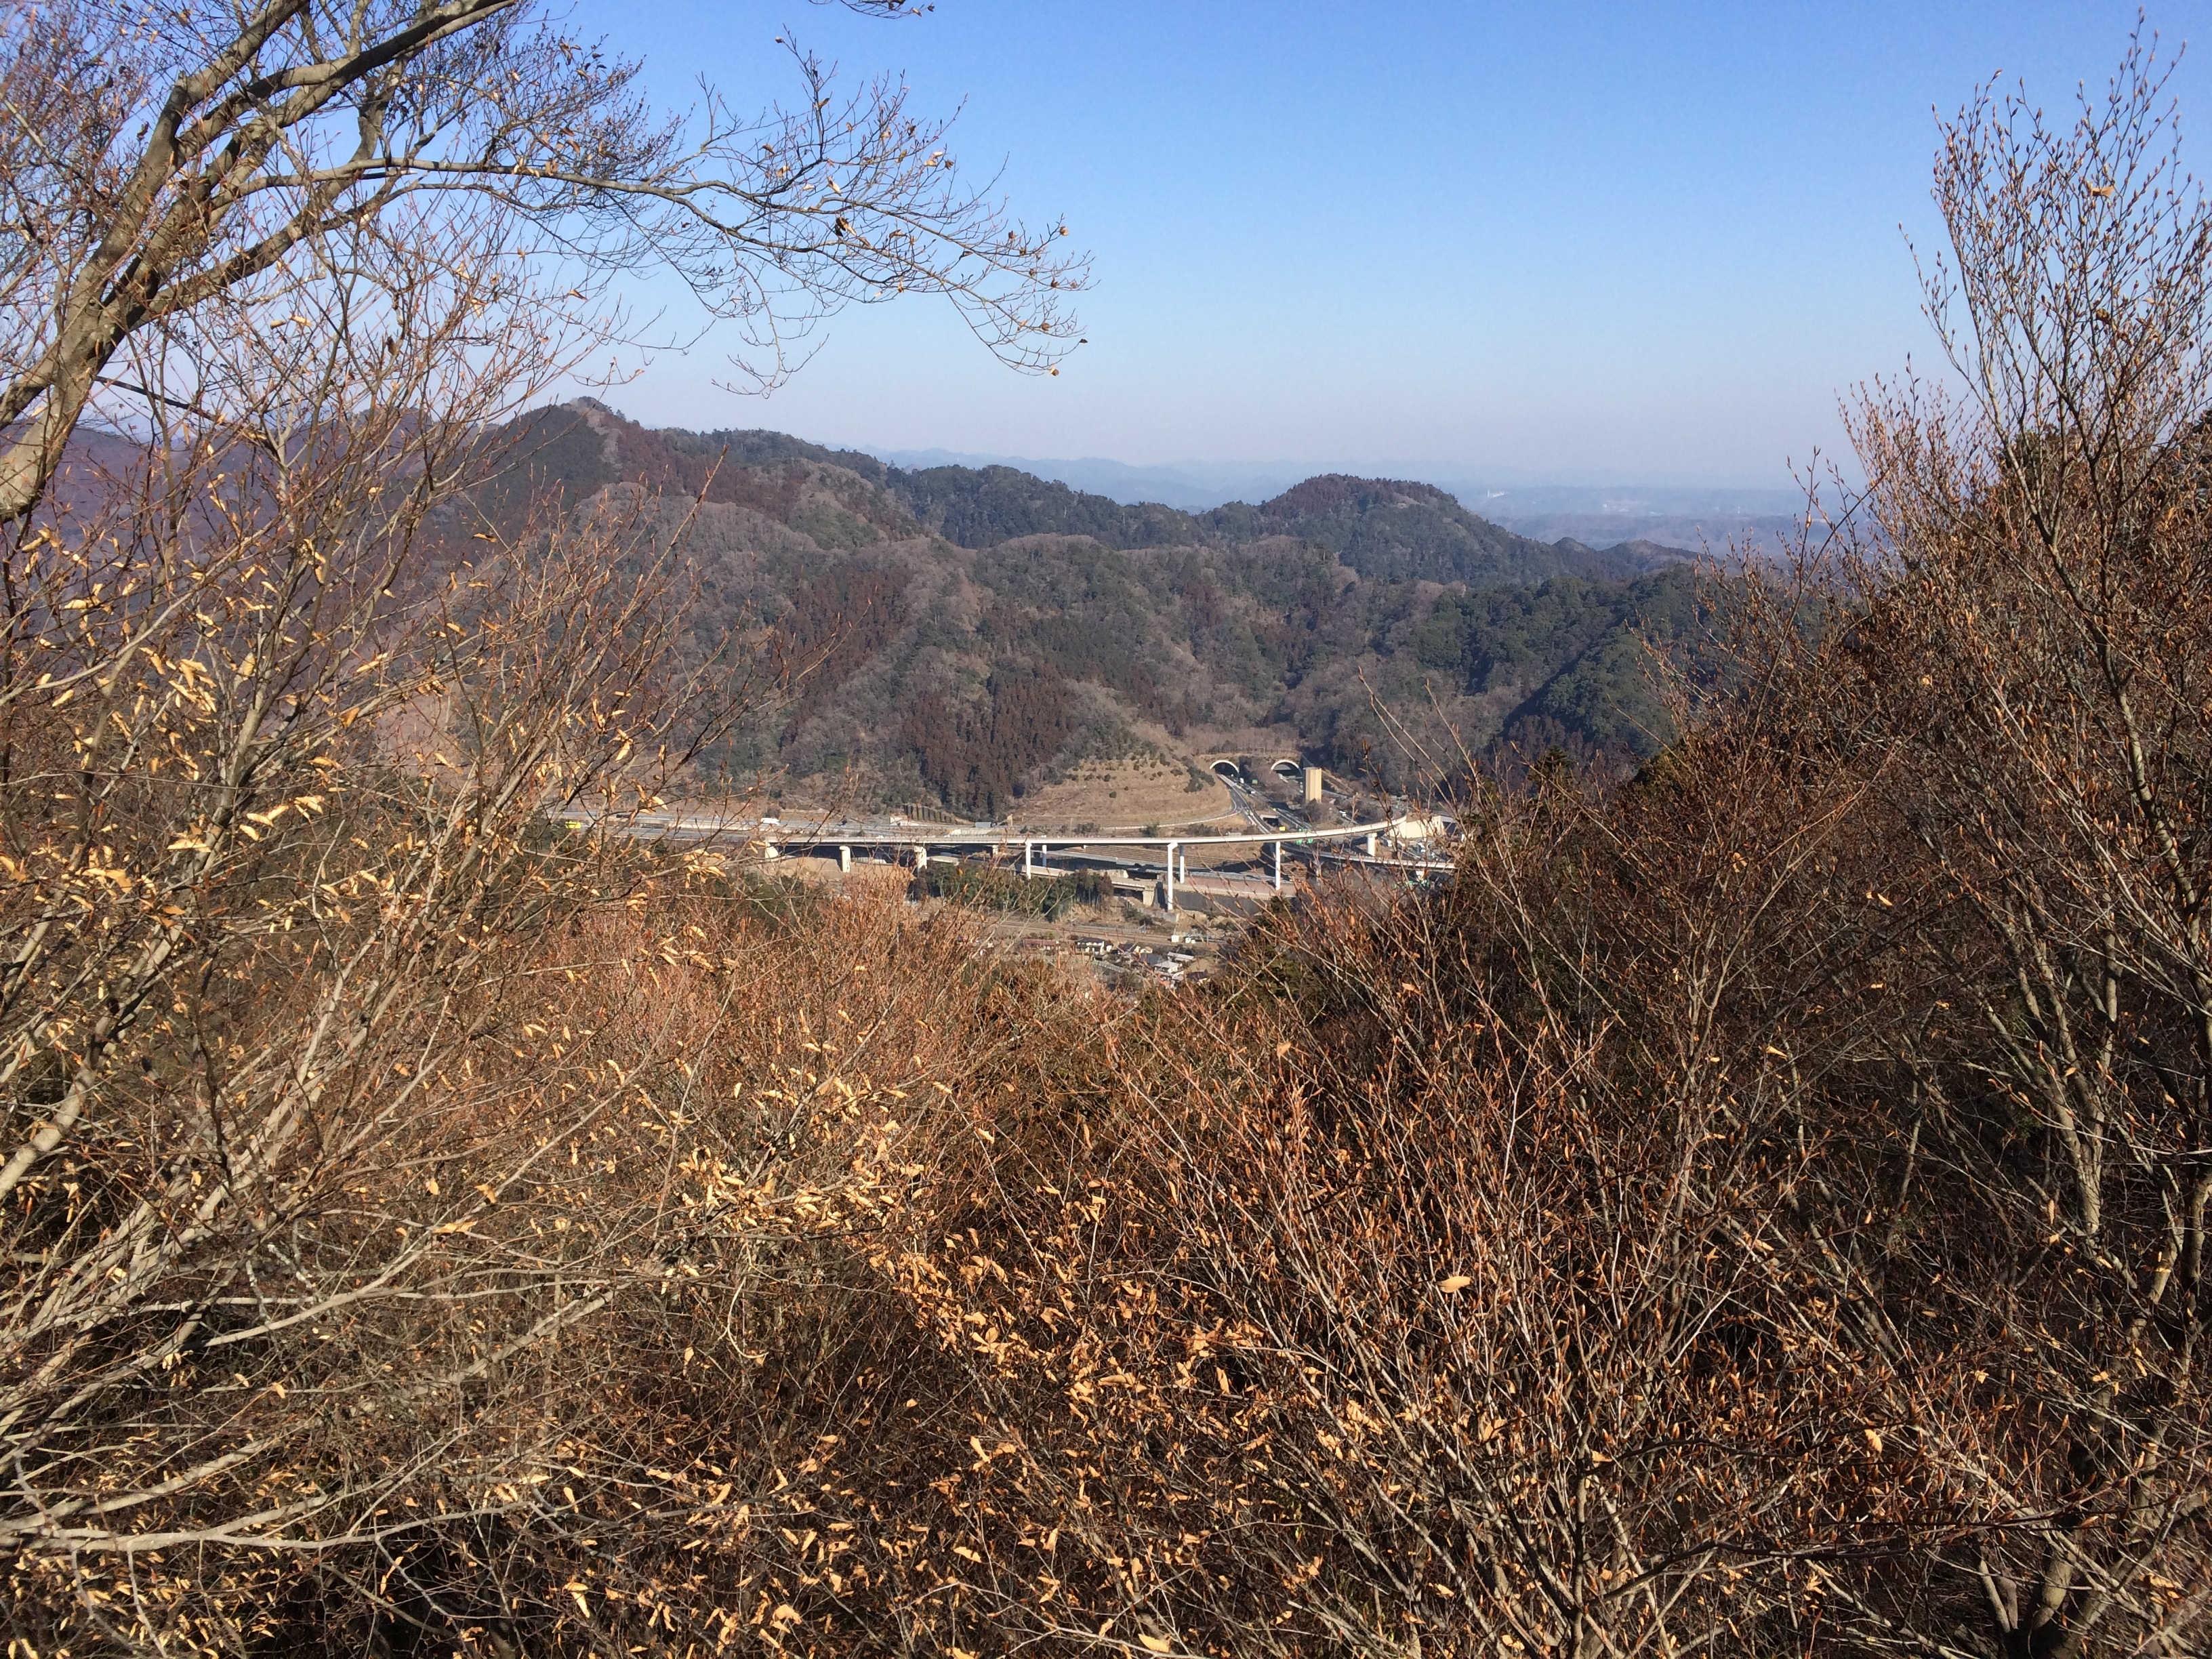 ケーブルカー高尾山駅(スタート)